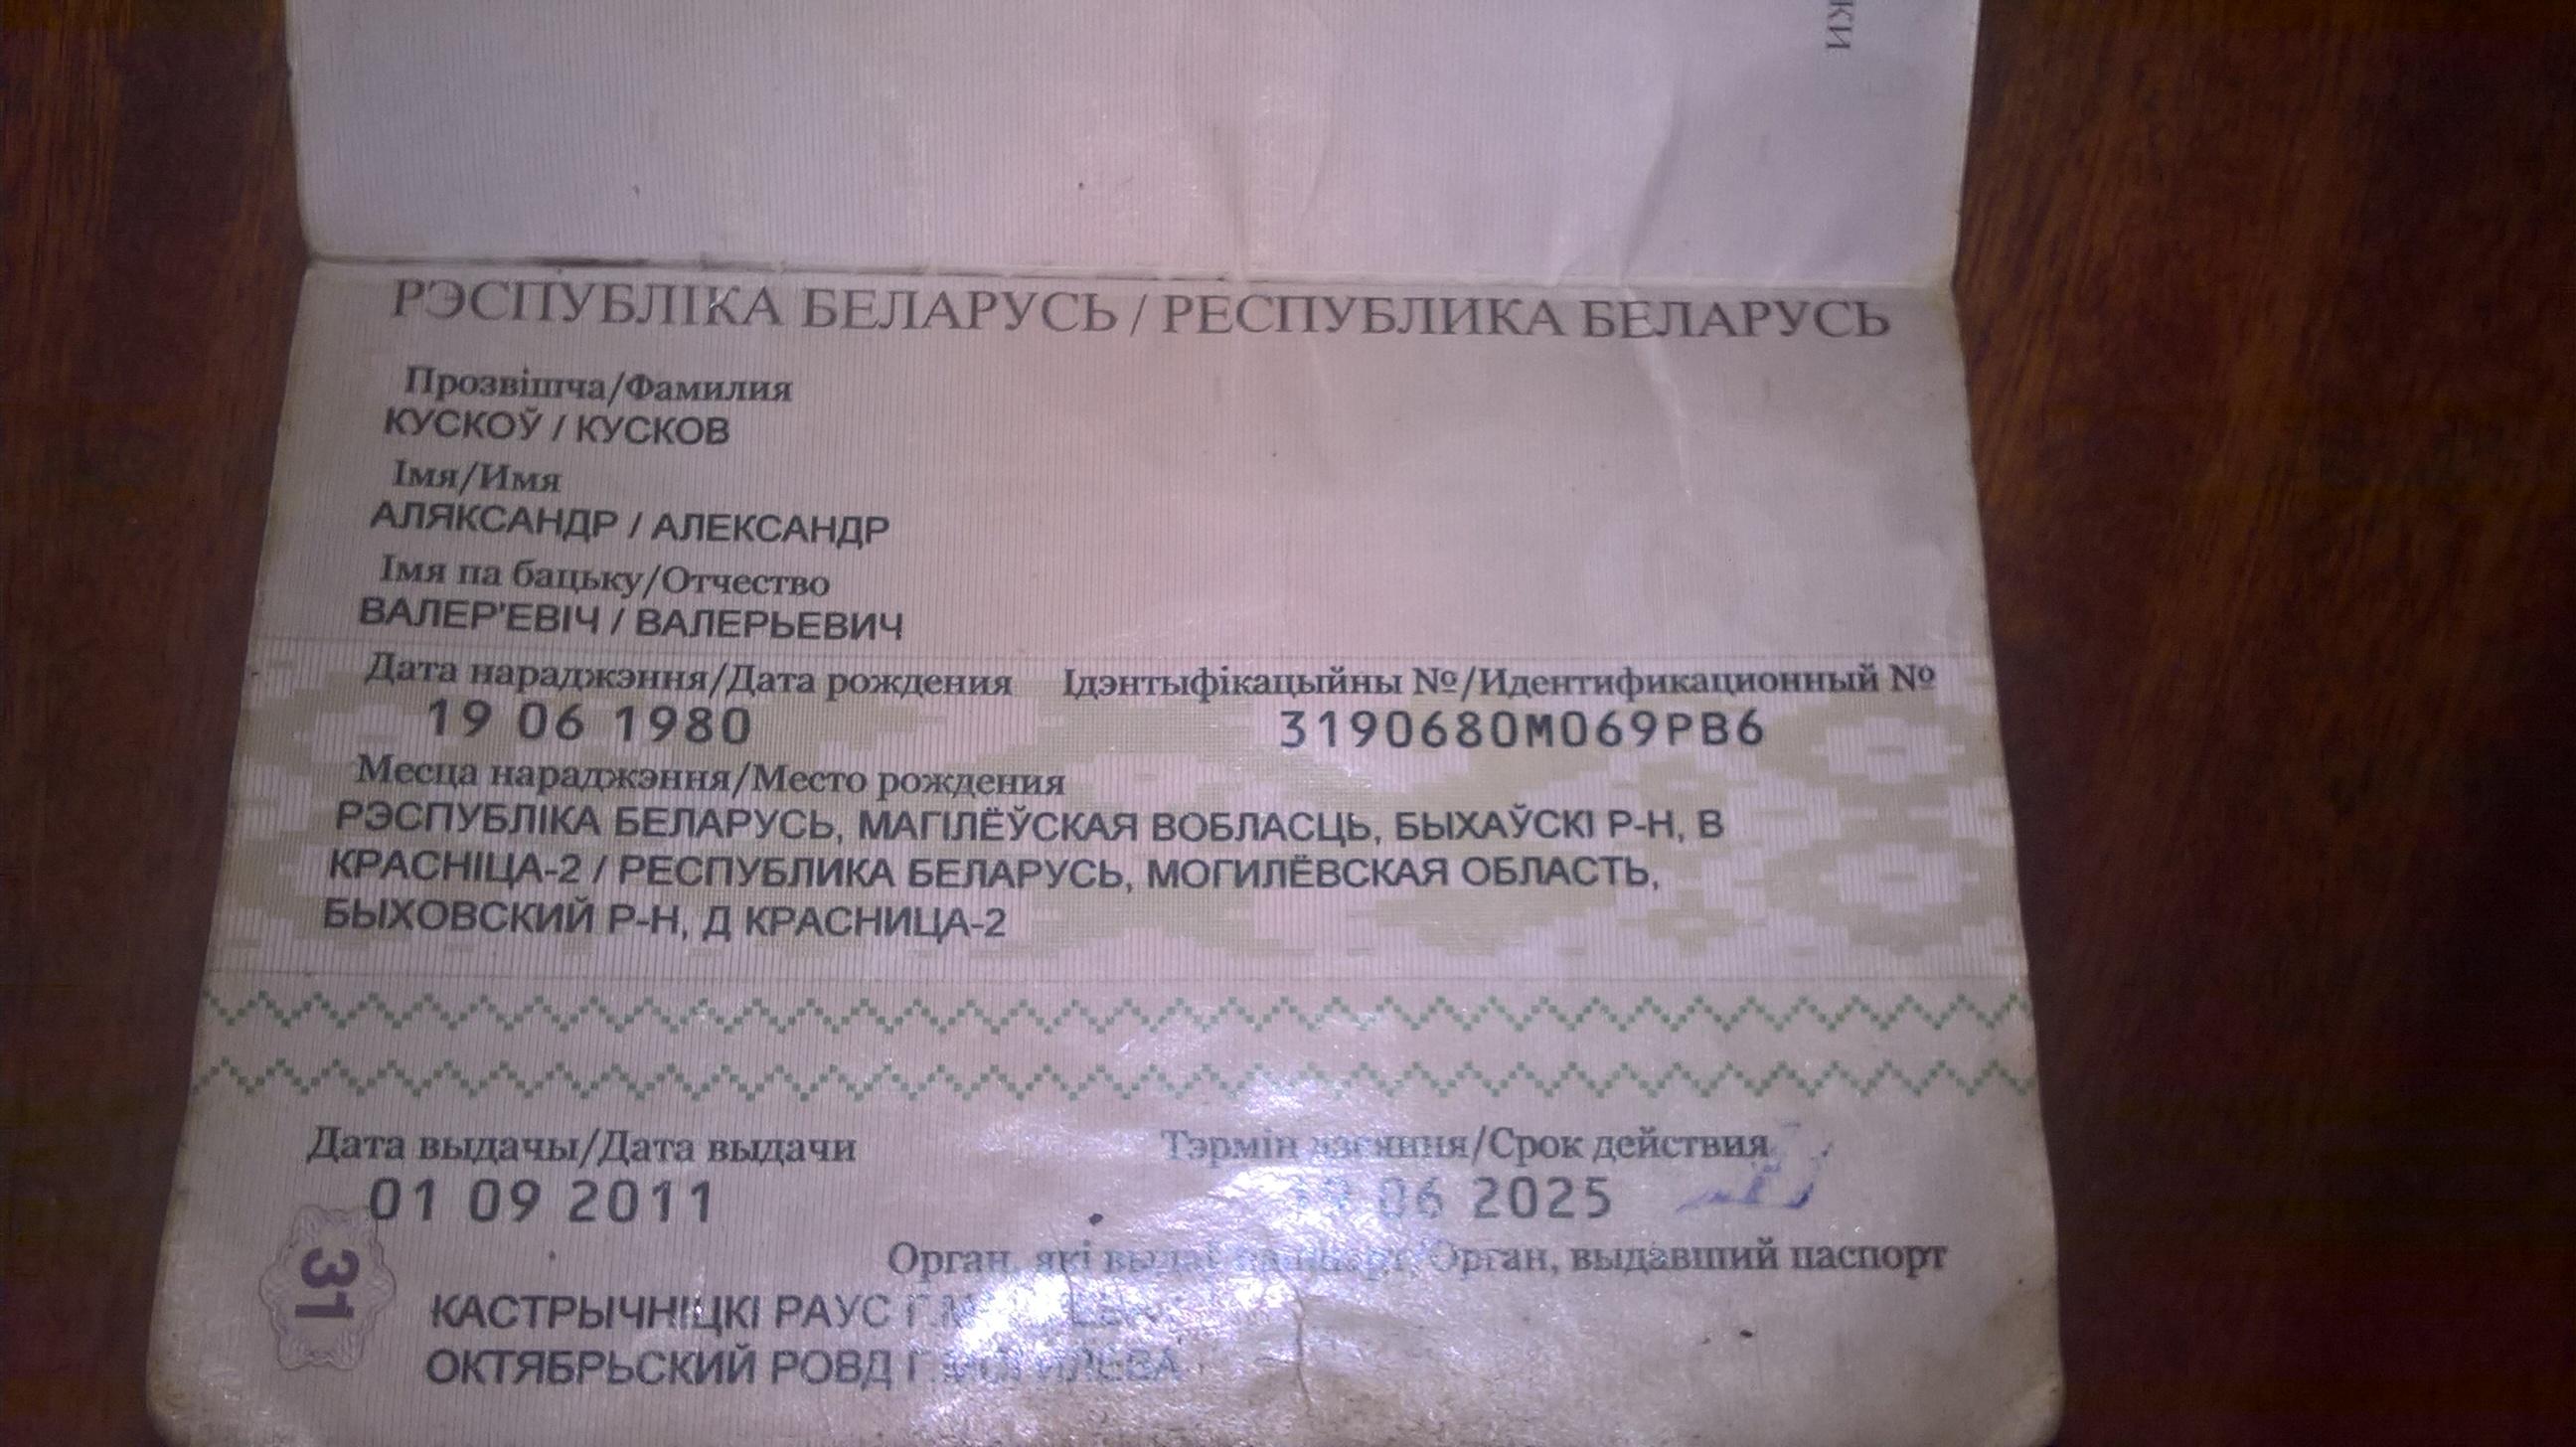 Отзывы о покупке больничного листа в Пушкино